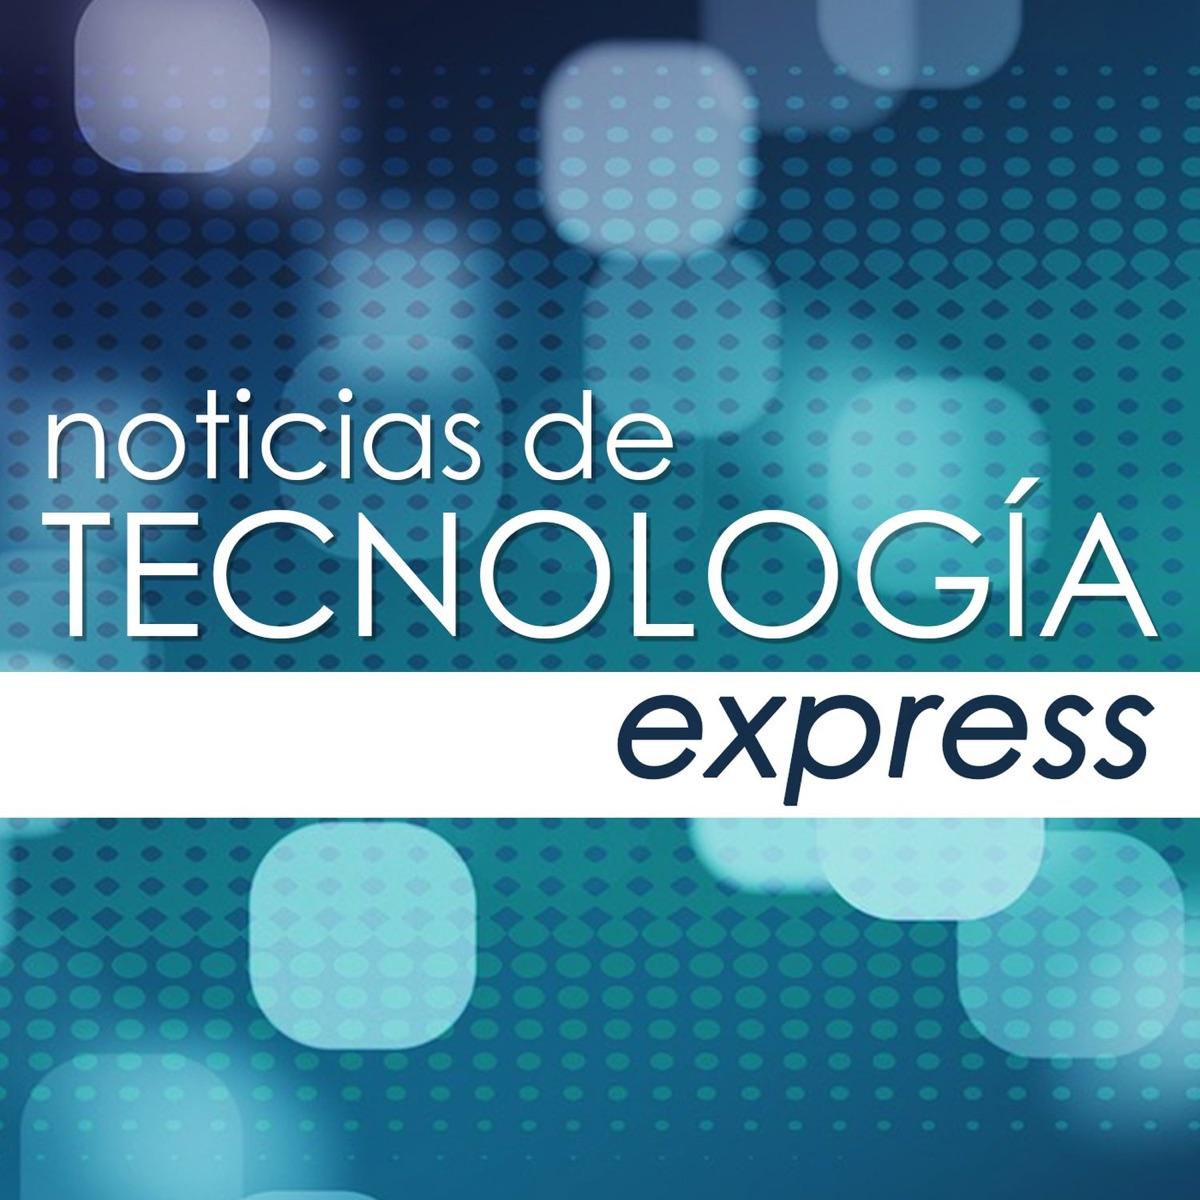 Noticias de Tecnología Express